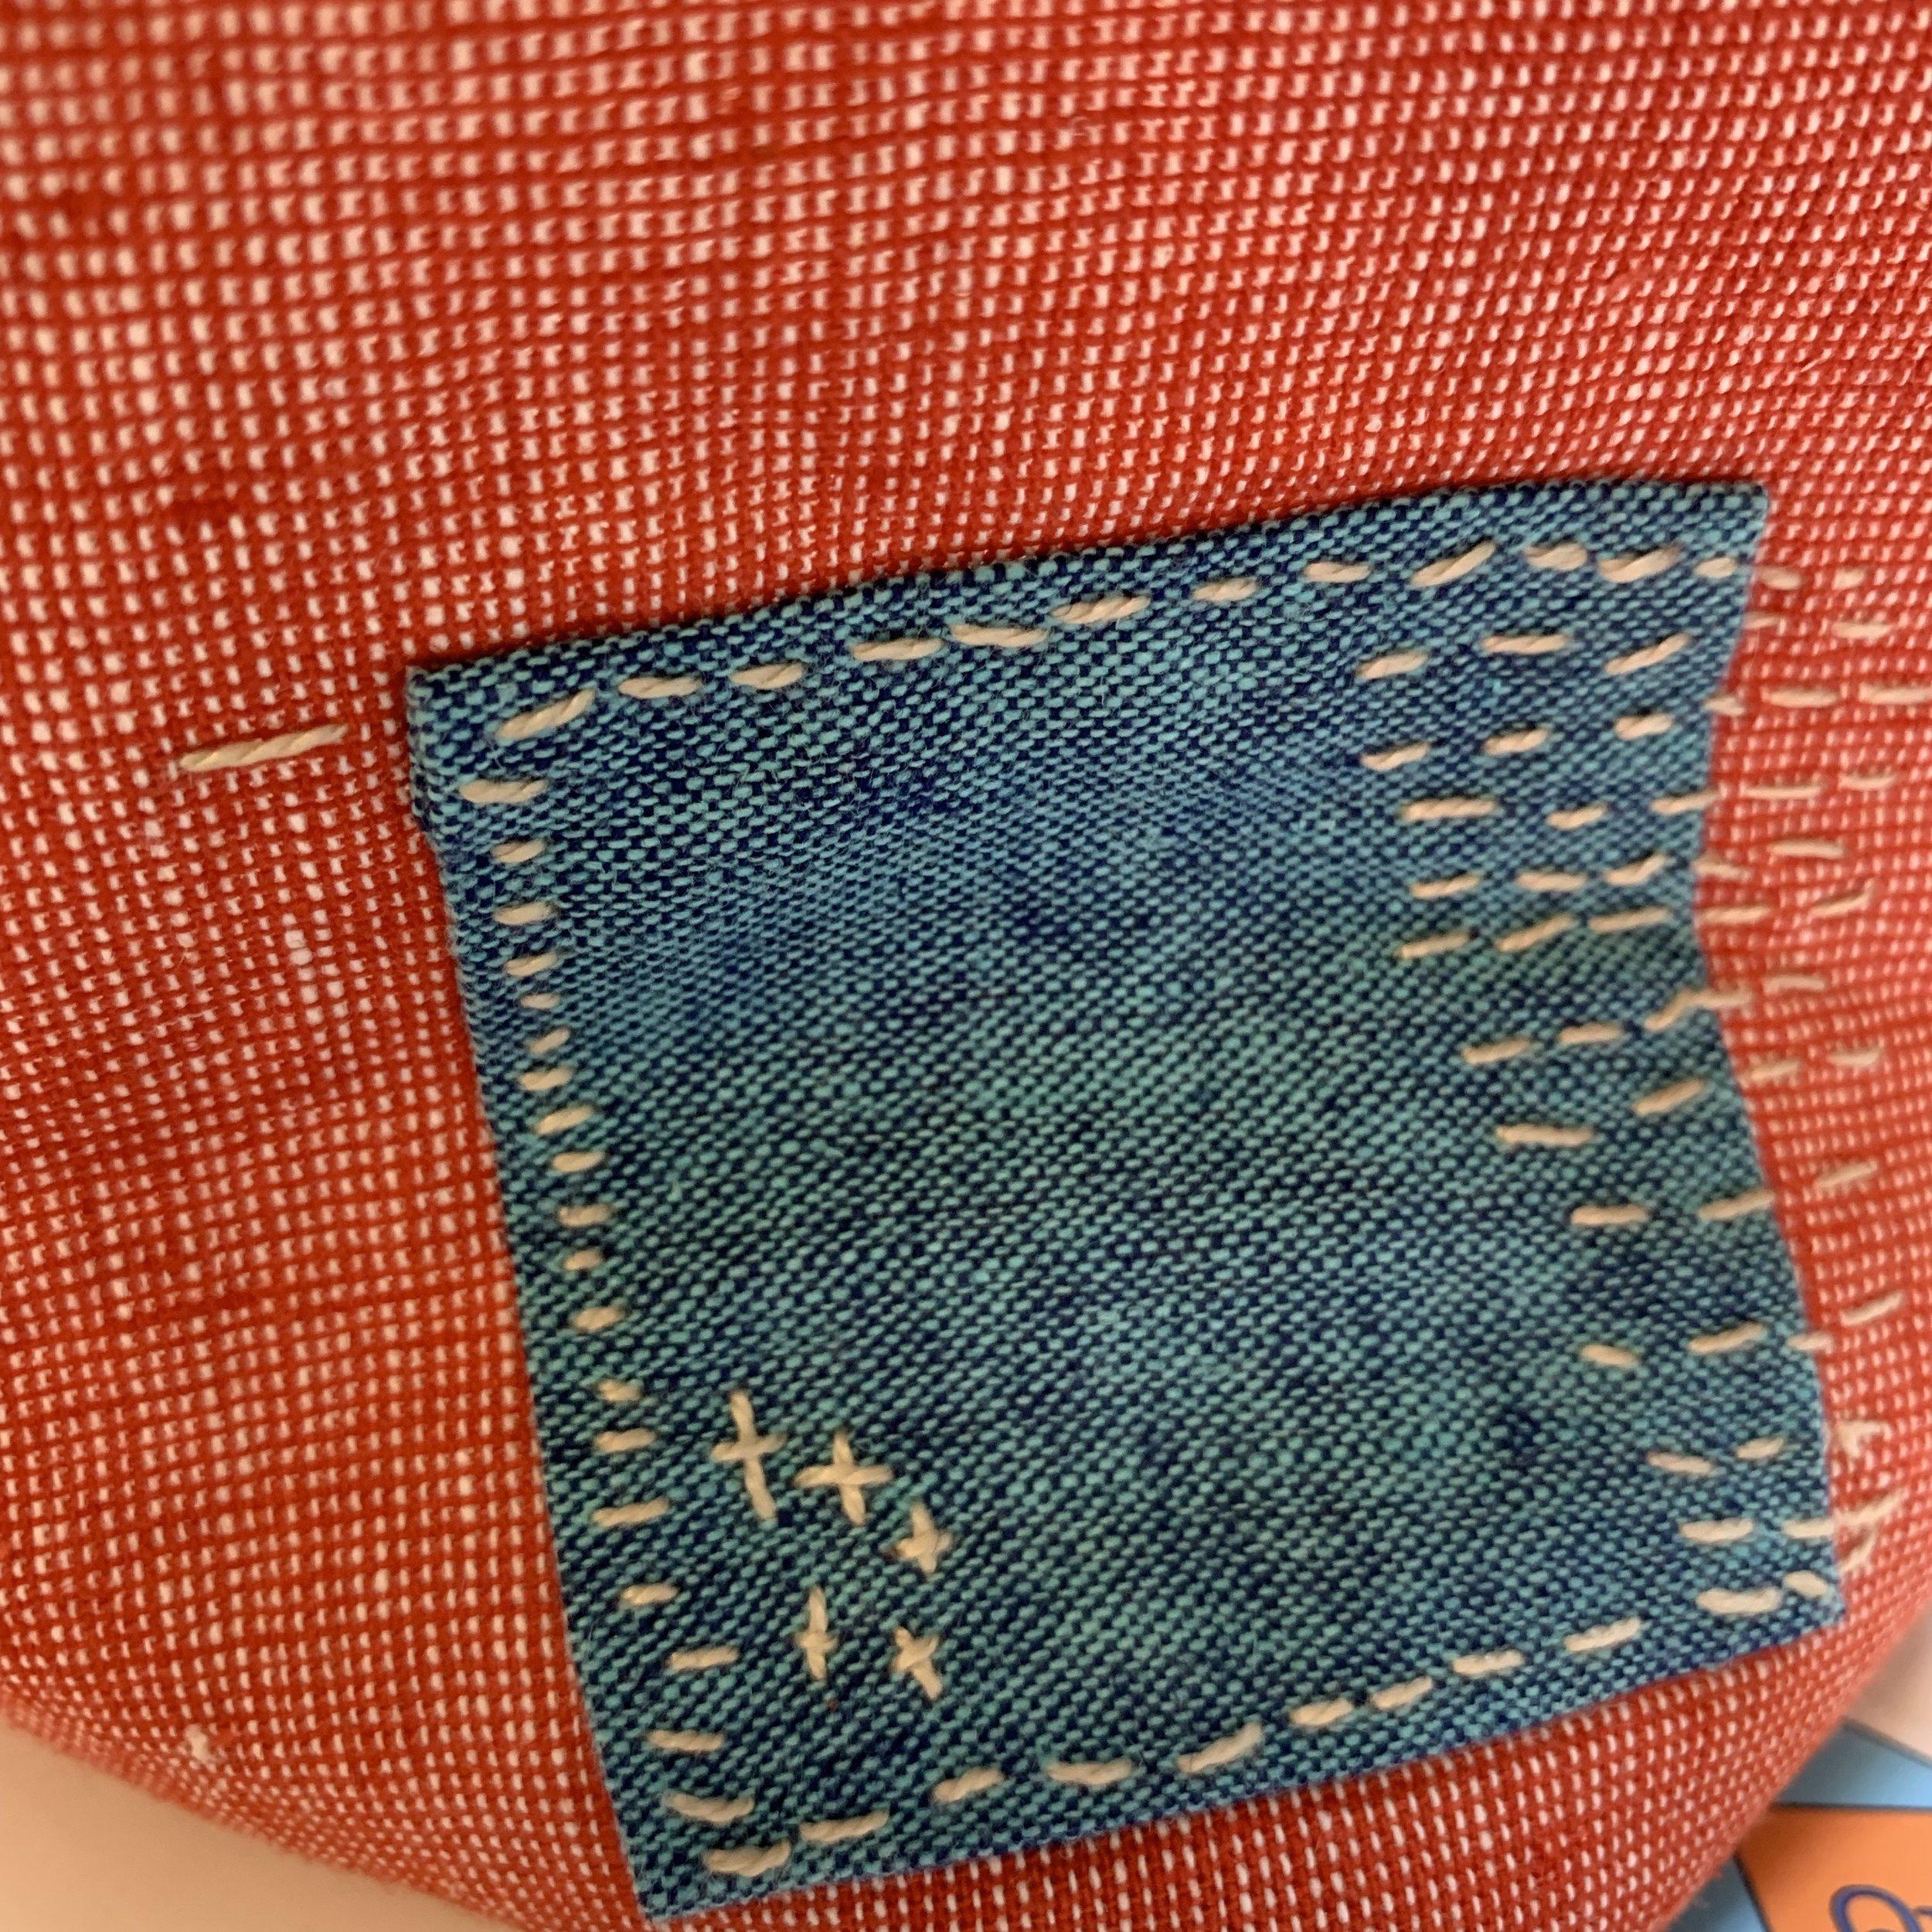 Adding my own stitching details